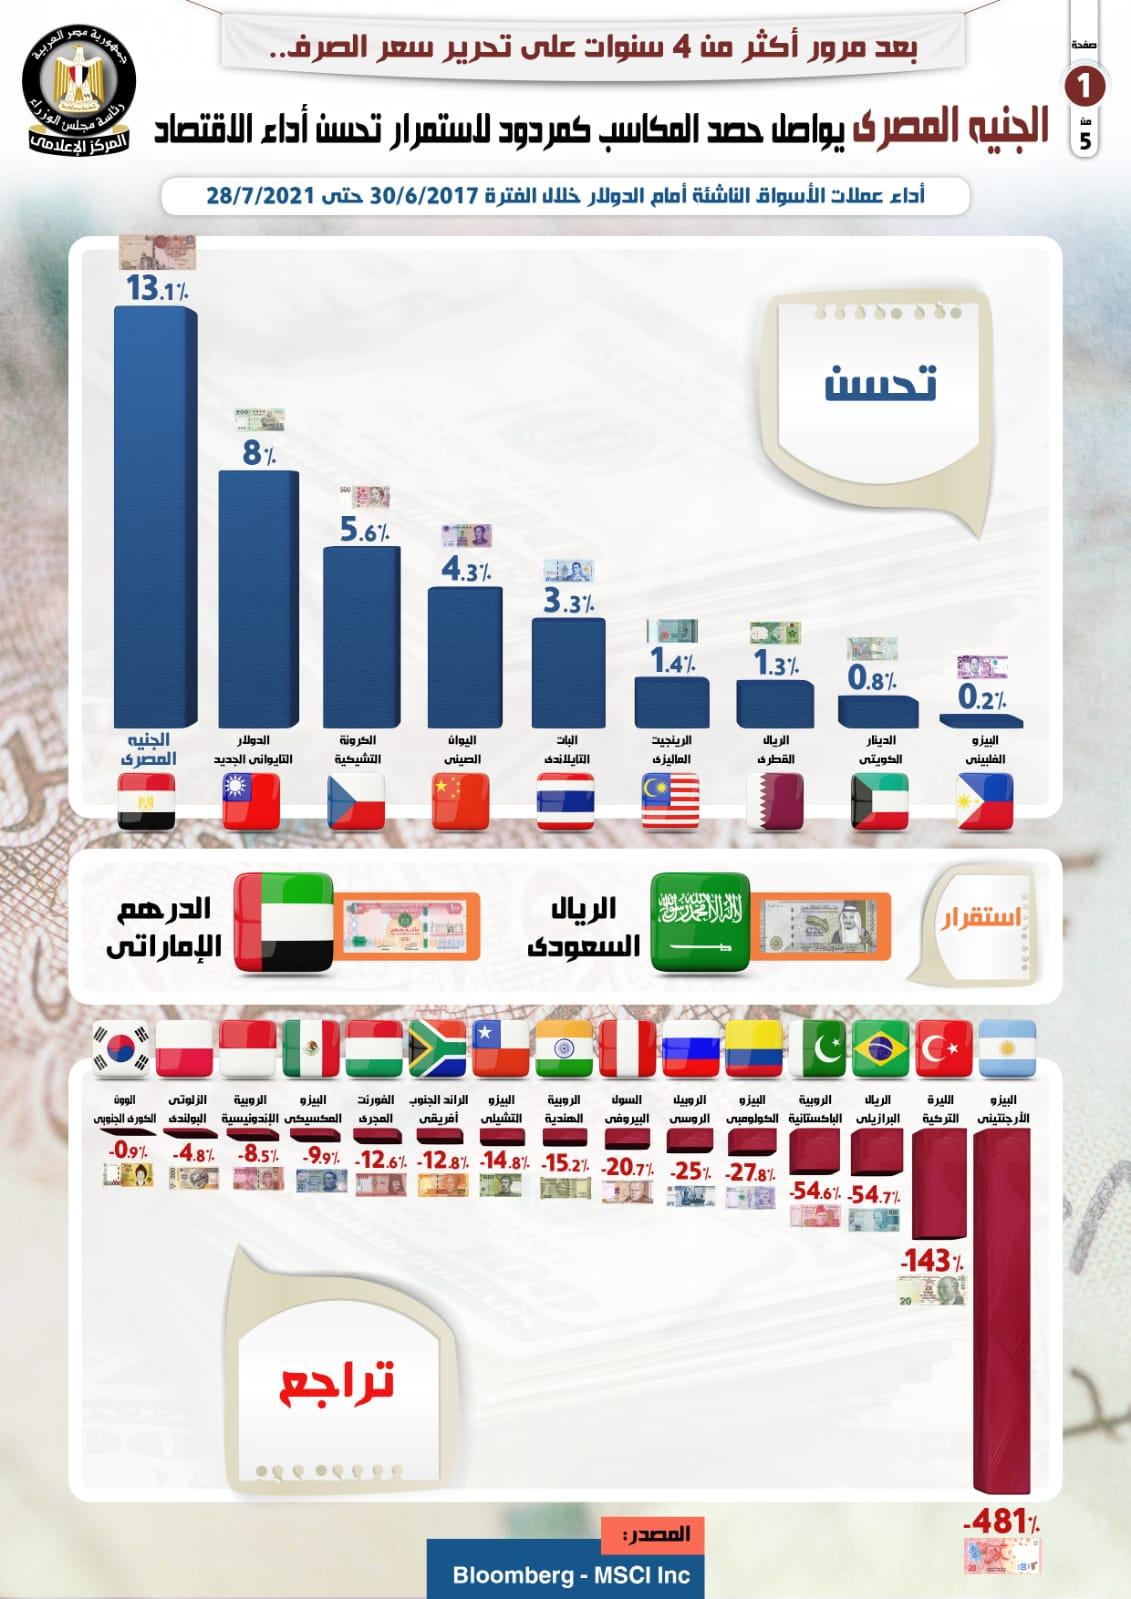 الجنيه المصرى يواصل حصد المكاسب كمردود لاستمرار تحسن الاقتصاد..إنفوجراف